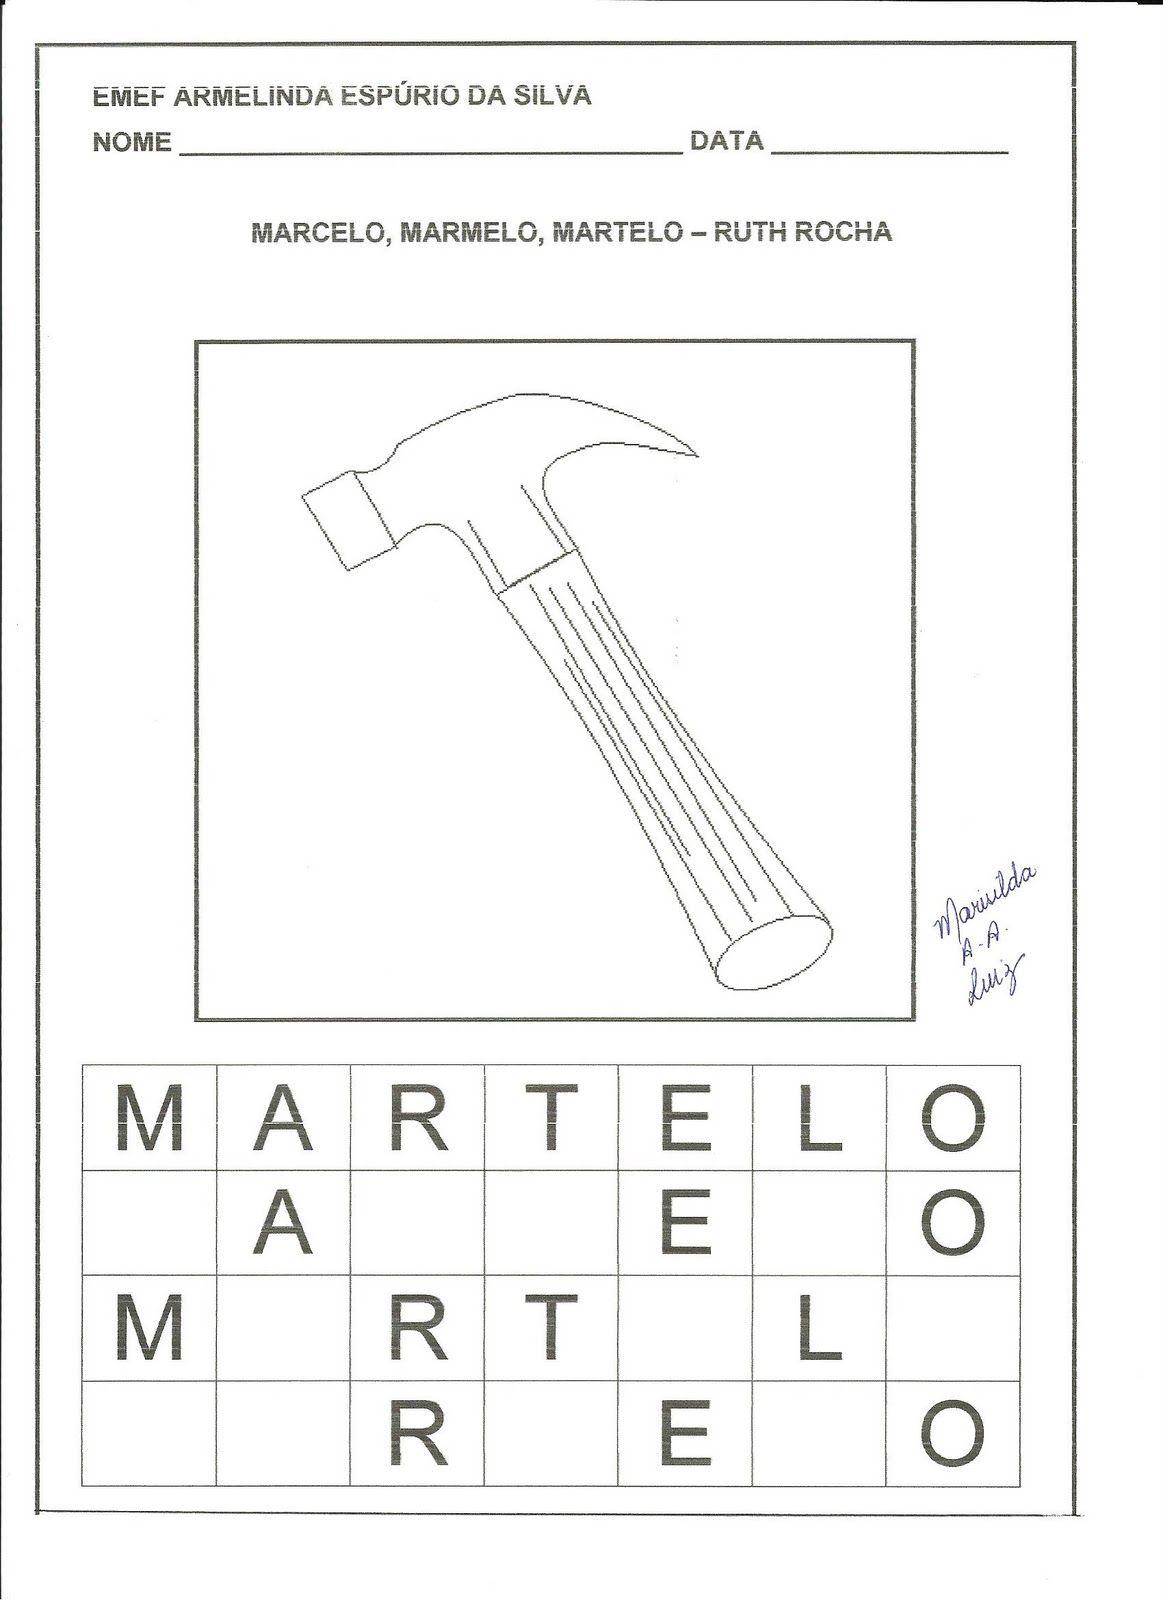 Marcelo Marmelo Martelo Ruth Rocha Em 2020 Com Imagens